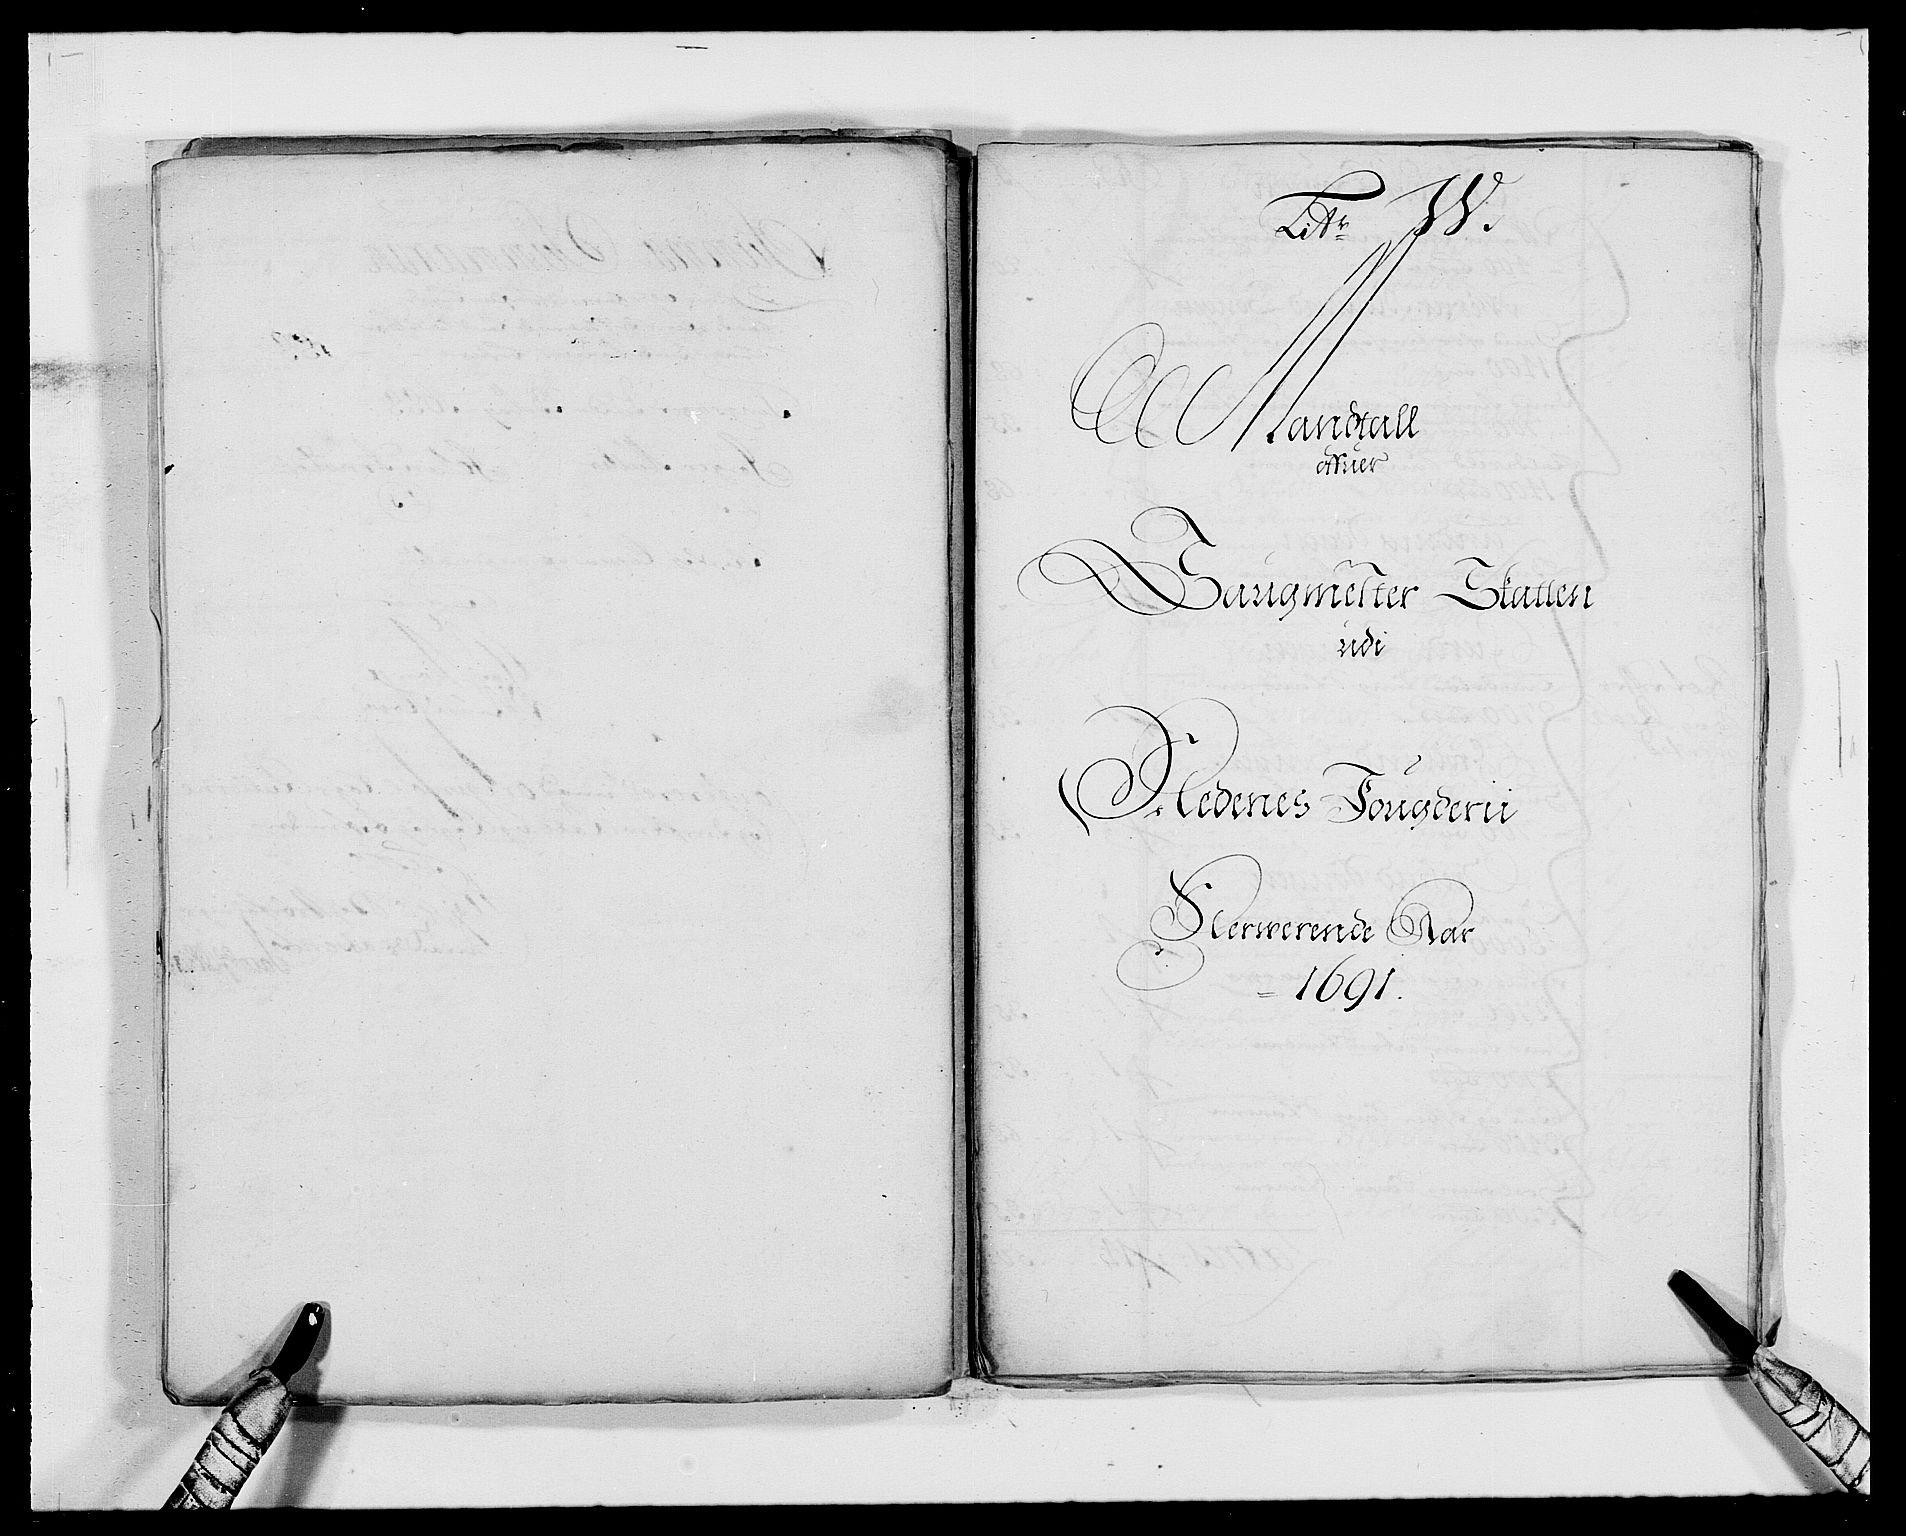 RA, Rentekammeret inntil 1814, Reviderte regnskaper, Fogderegnskap, R39/L2311: Fogderegnskap Nedenes, 1690-1692, s. 91